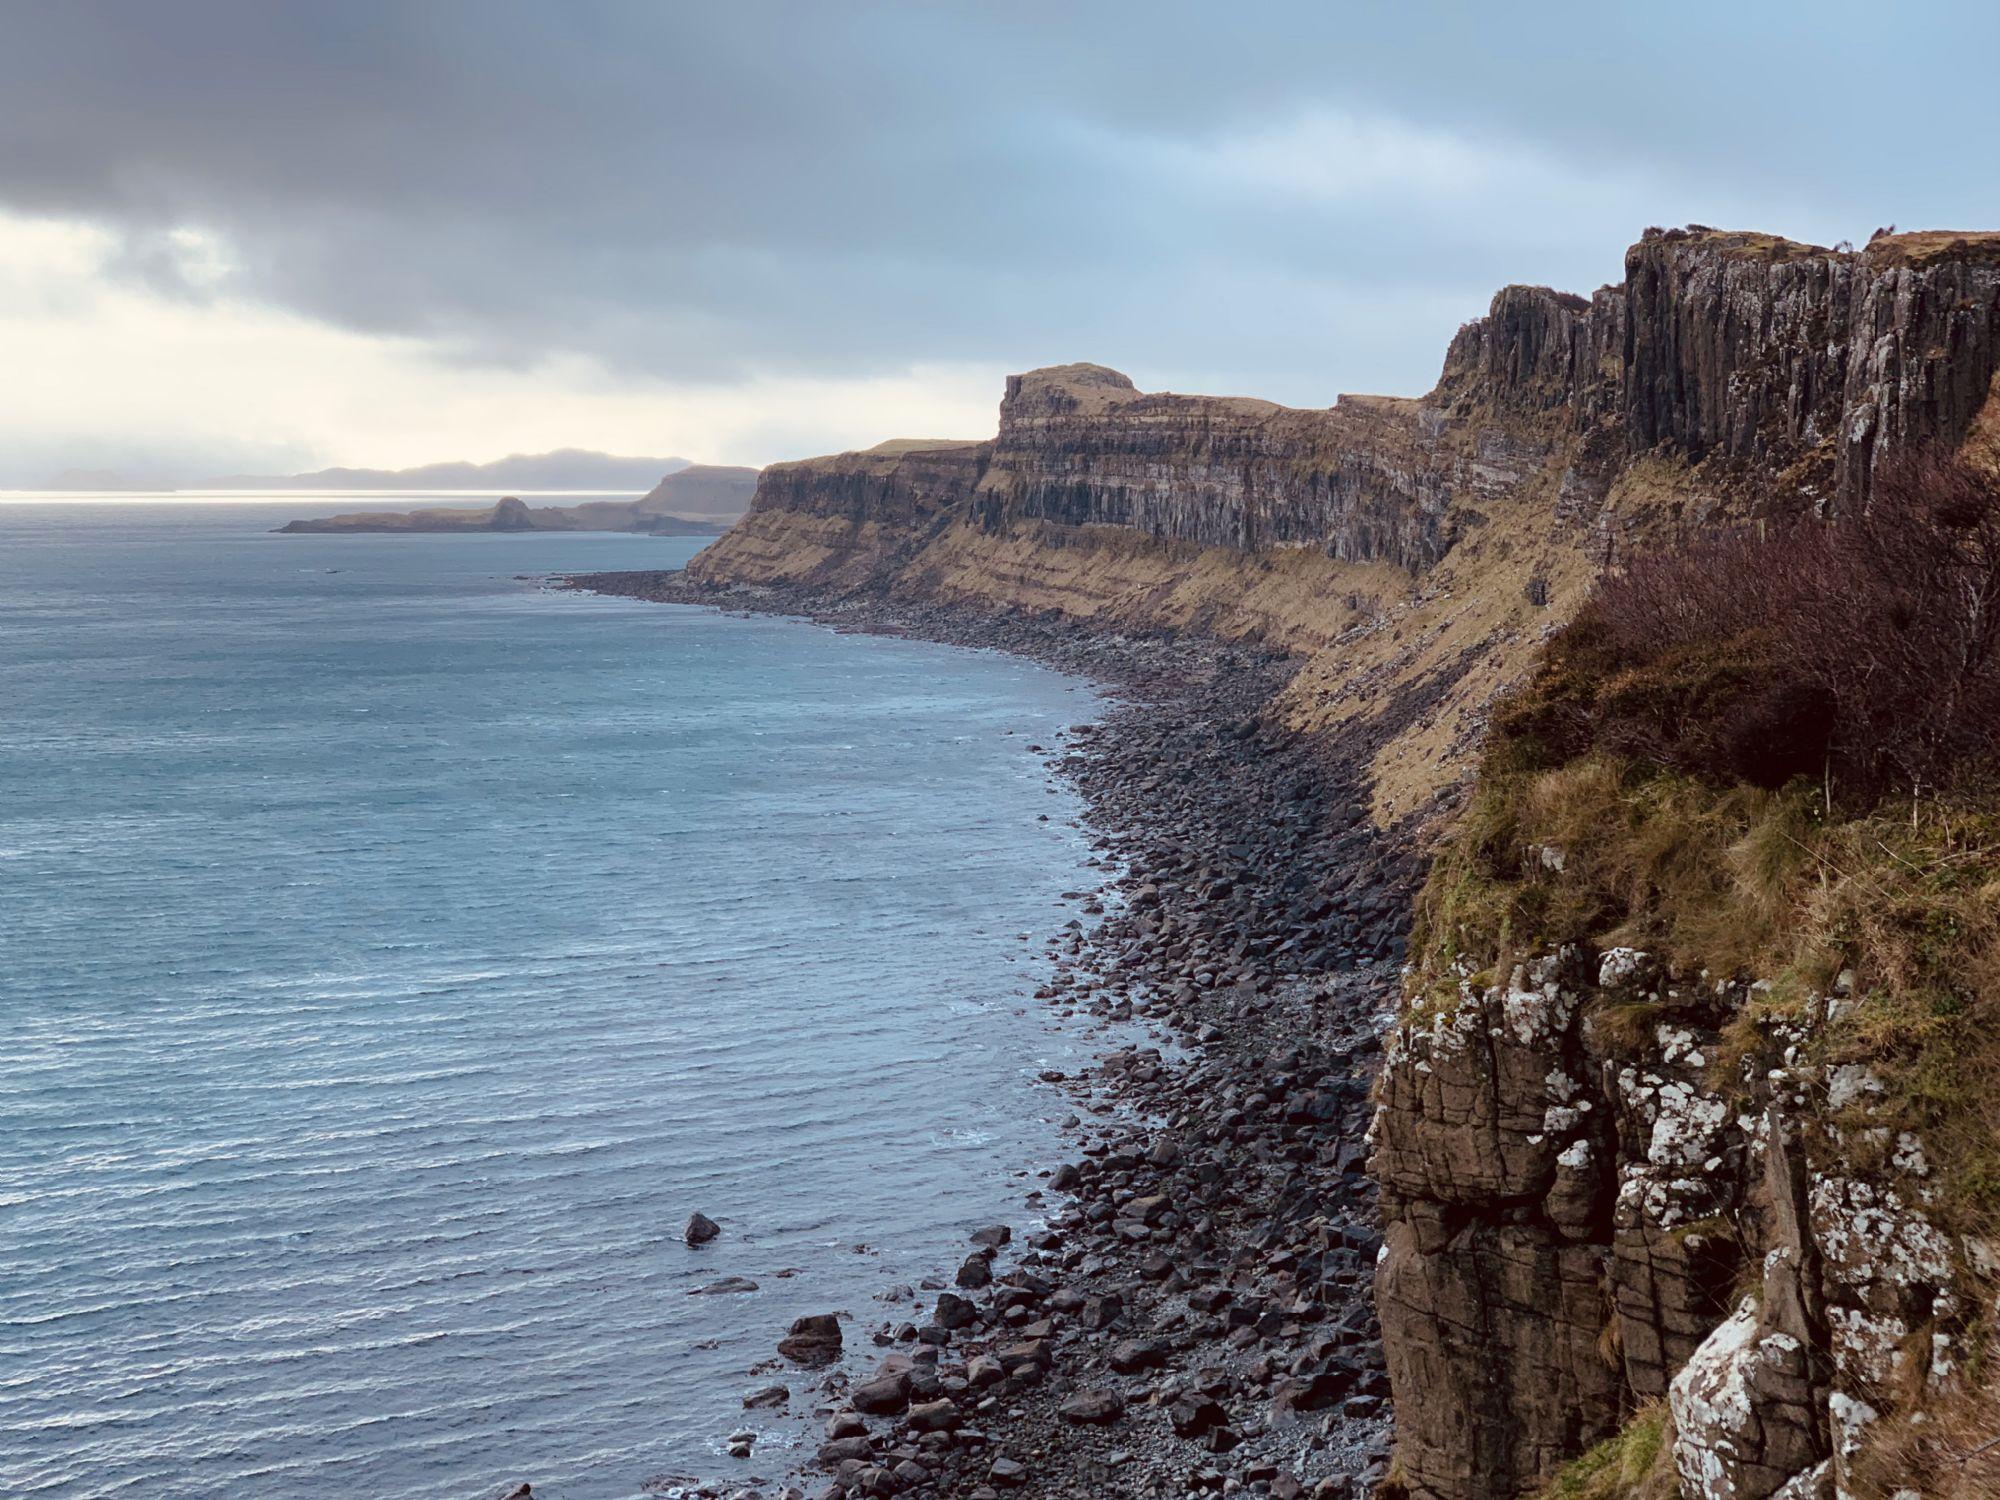 The coastline of Skye